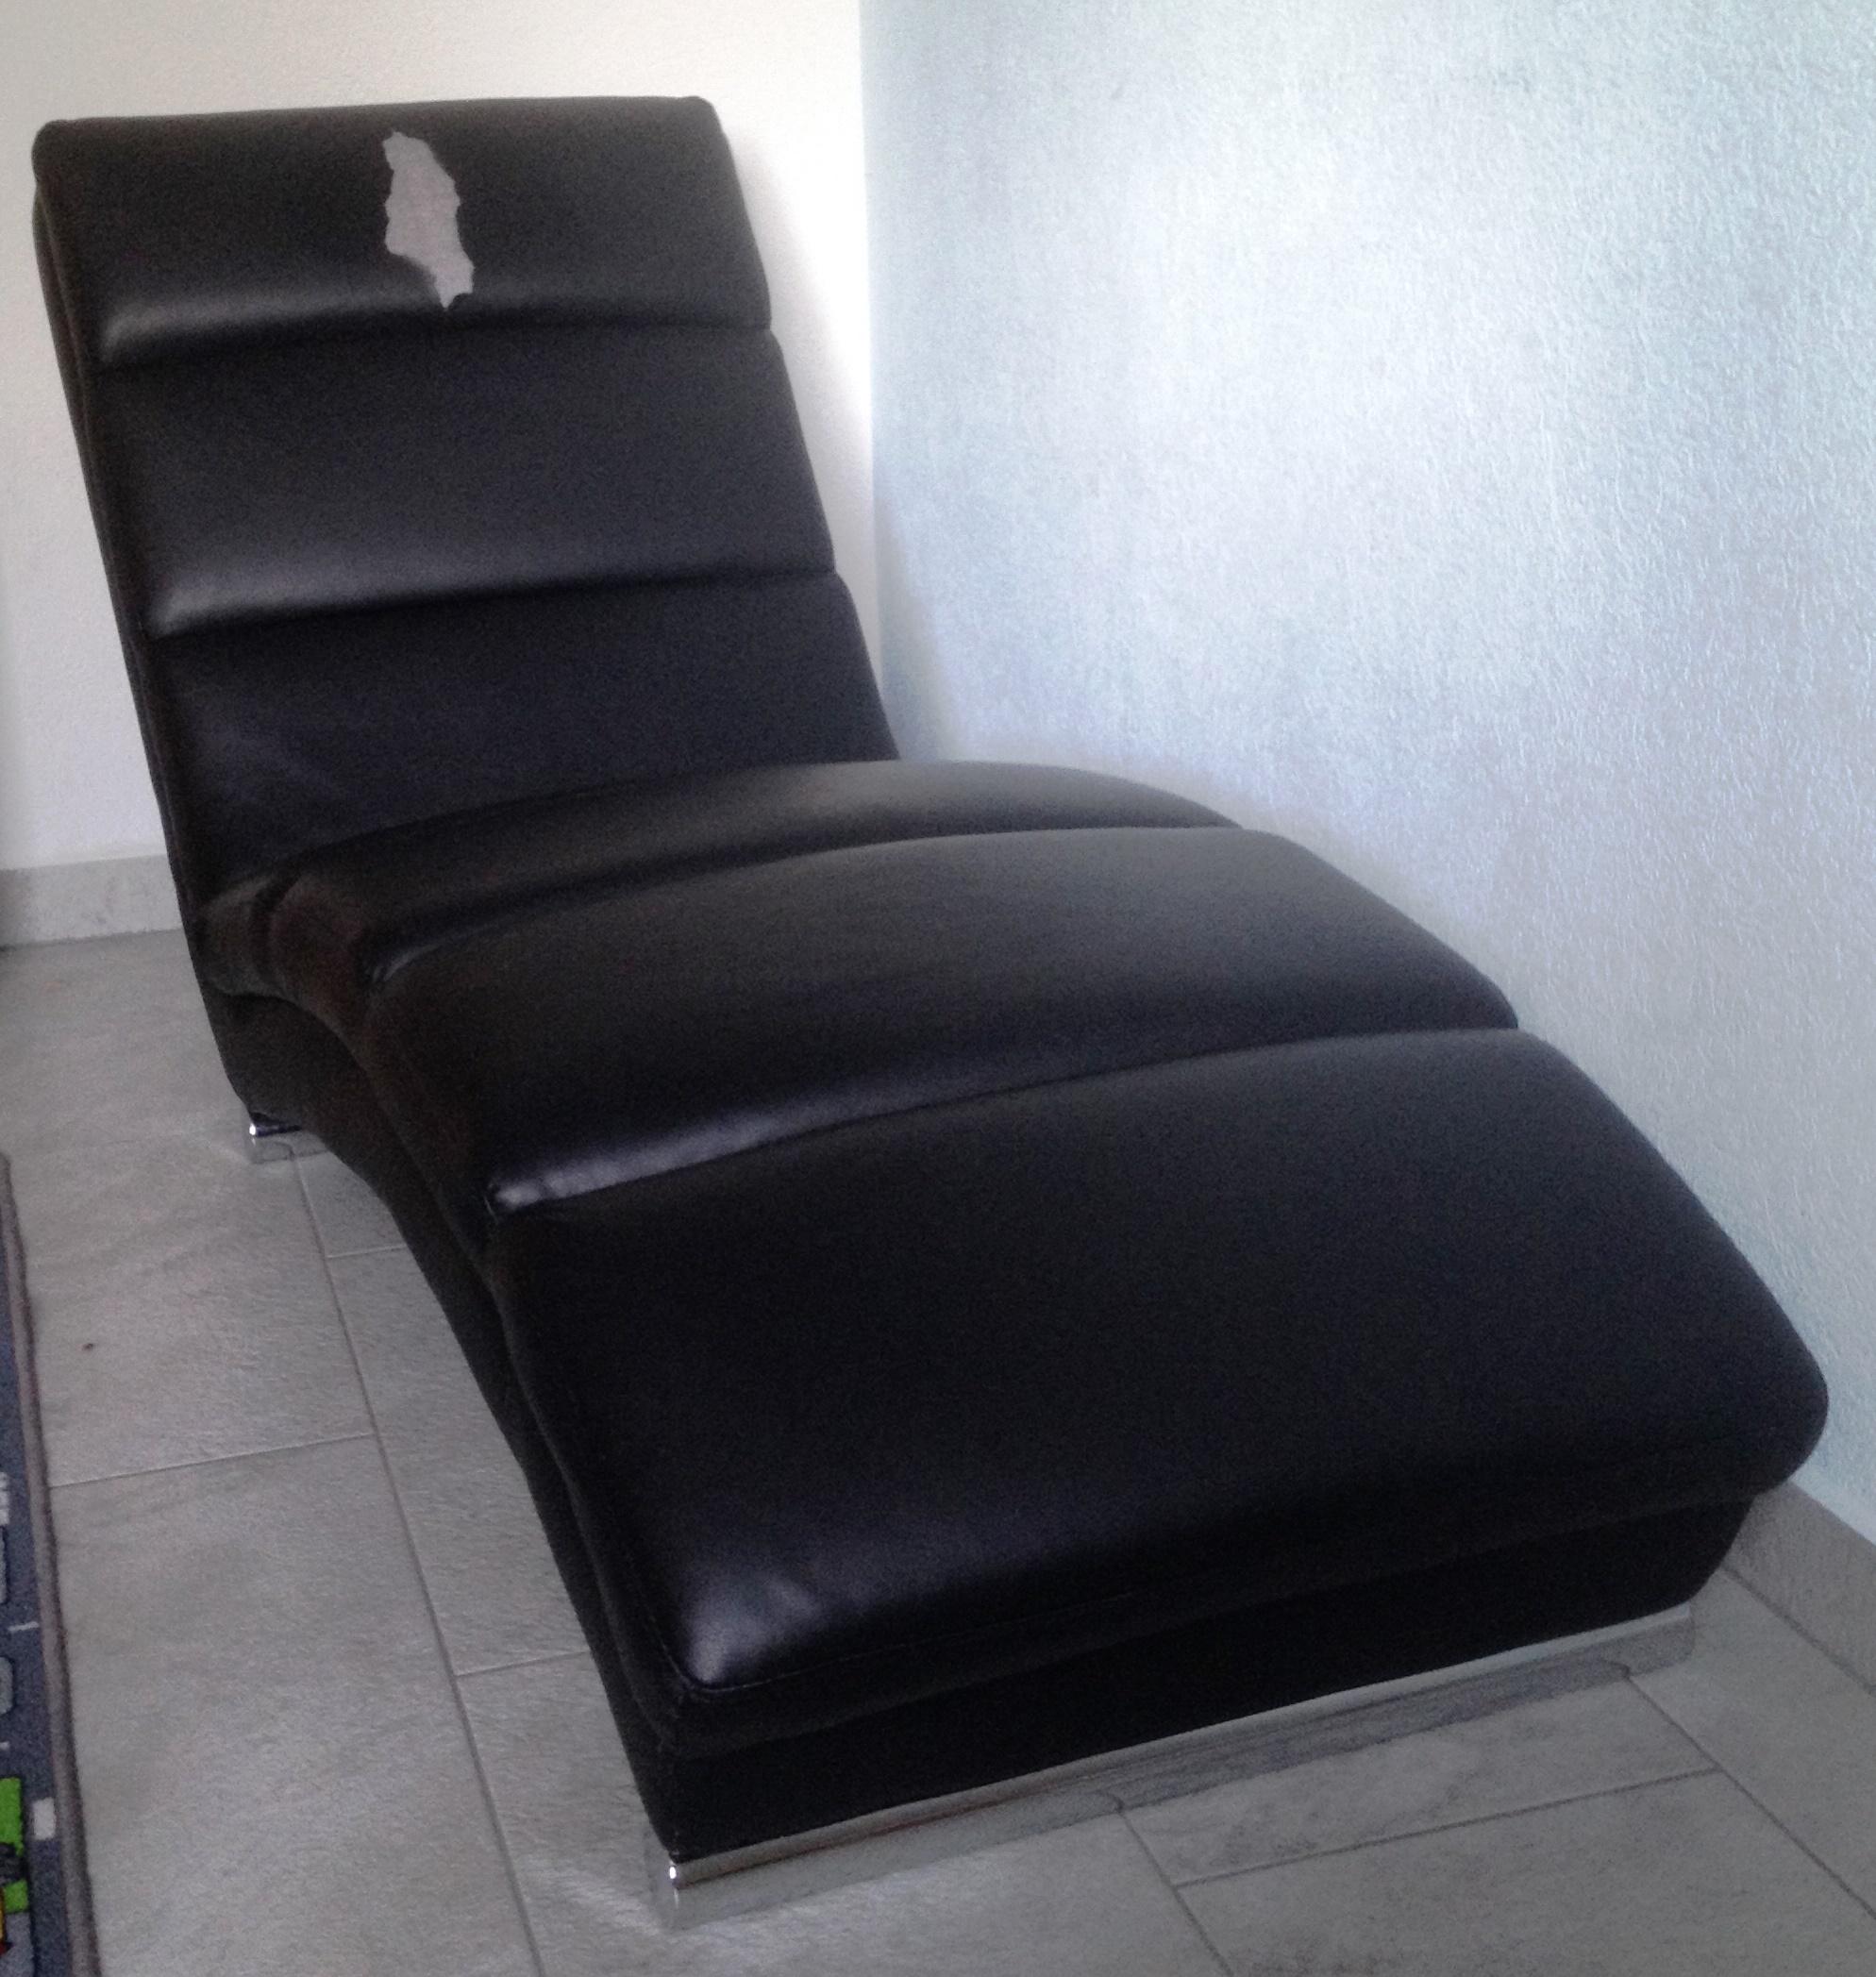 fauteuil relaxant id al pour regarder la tv sur. Black Bedroom Furniture Sets. Home Design Ideas